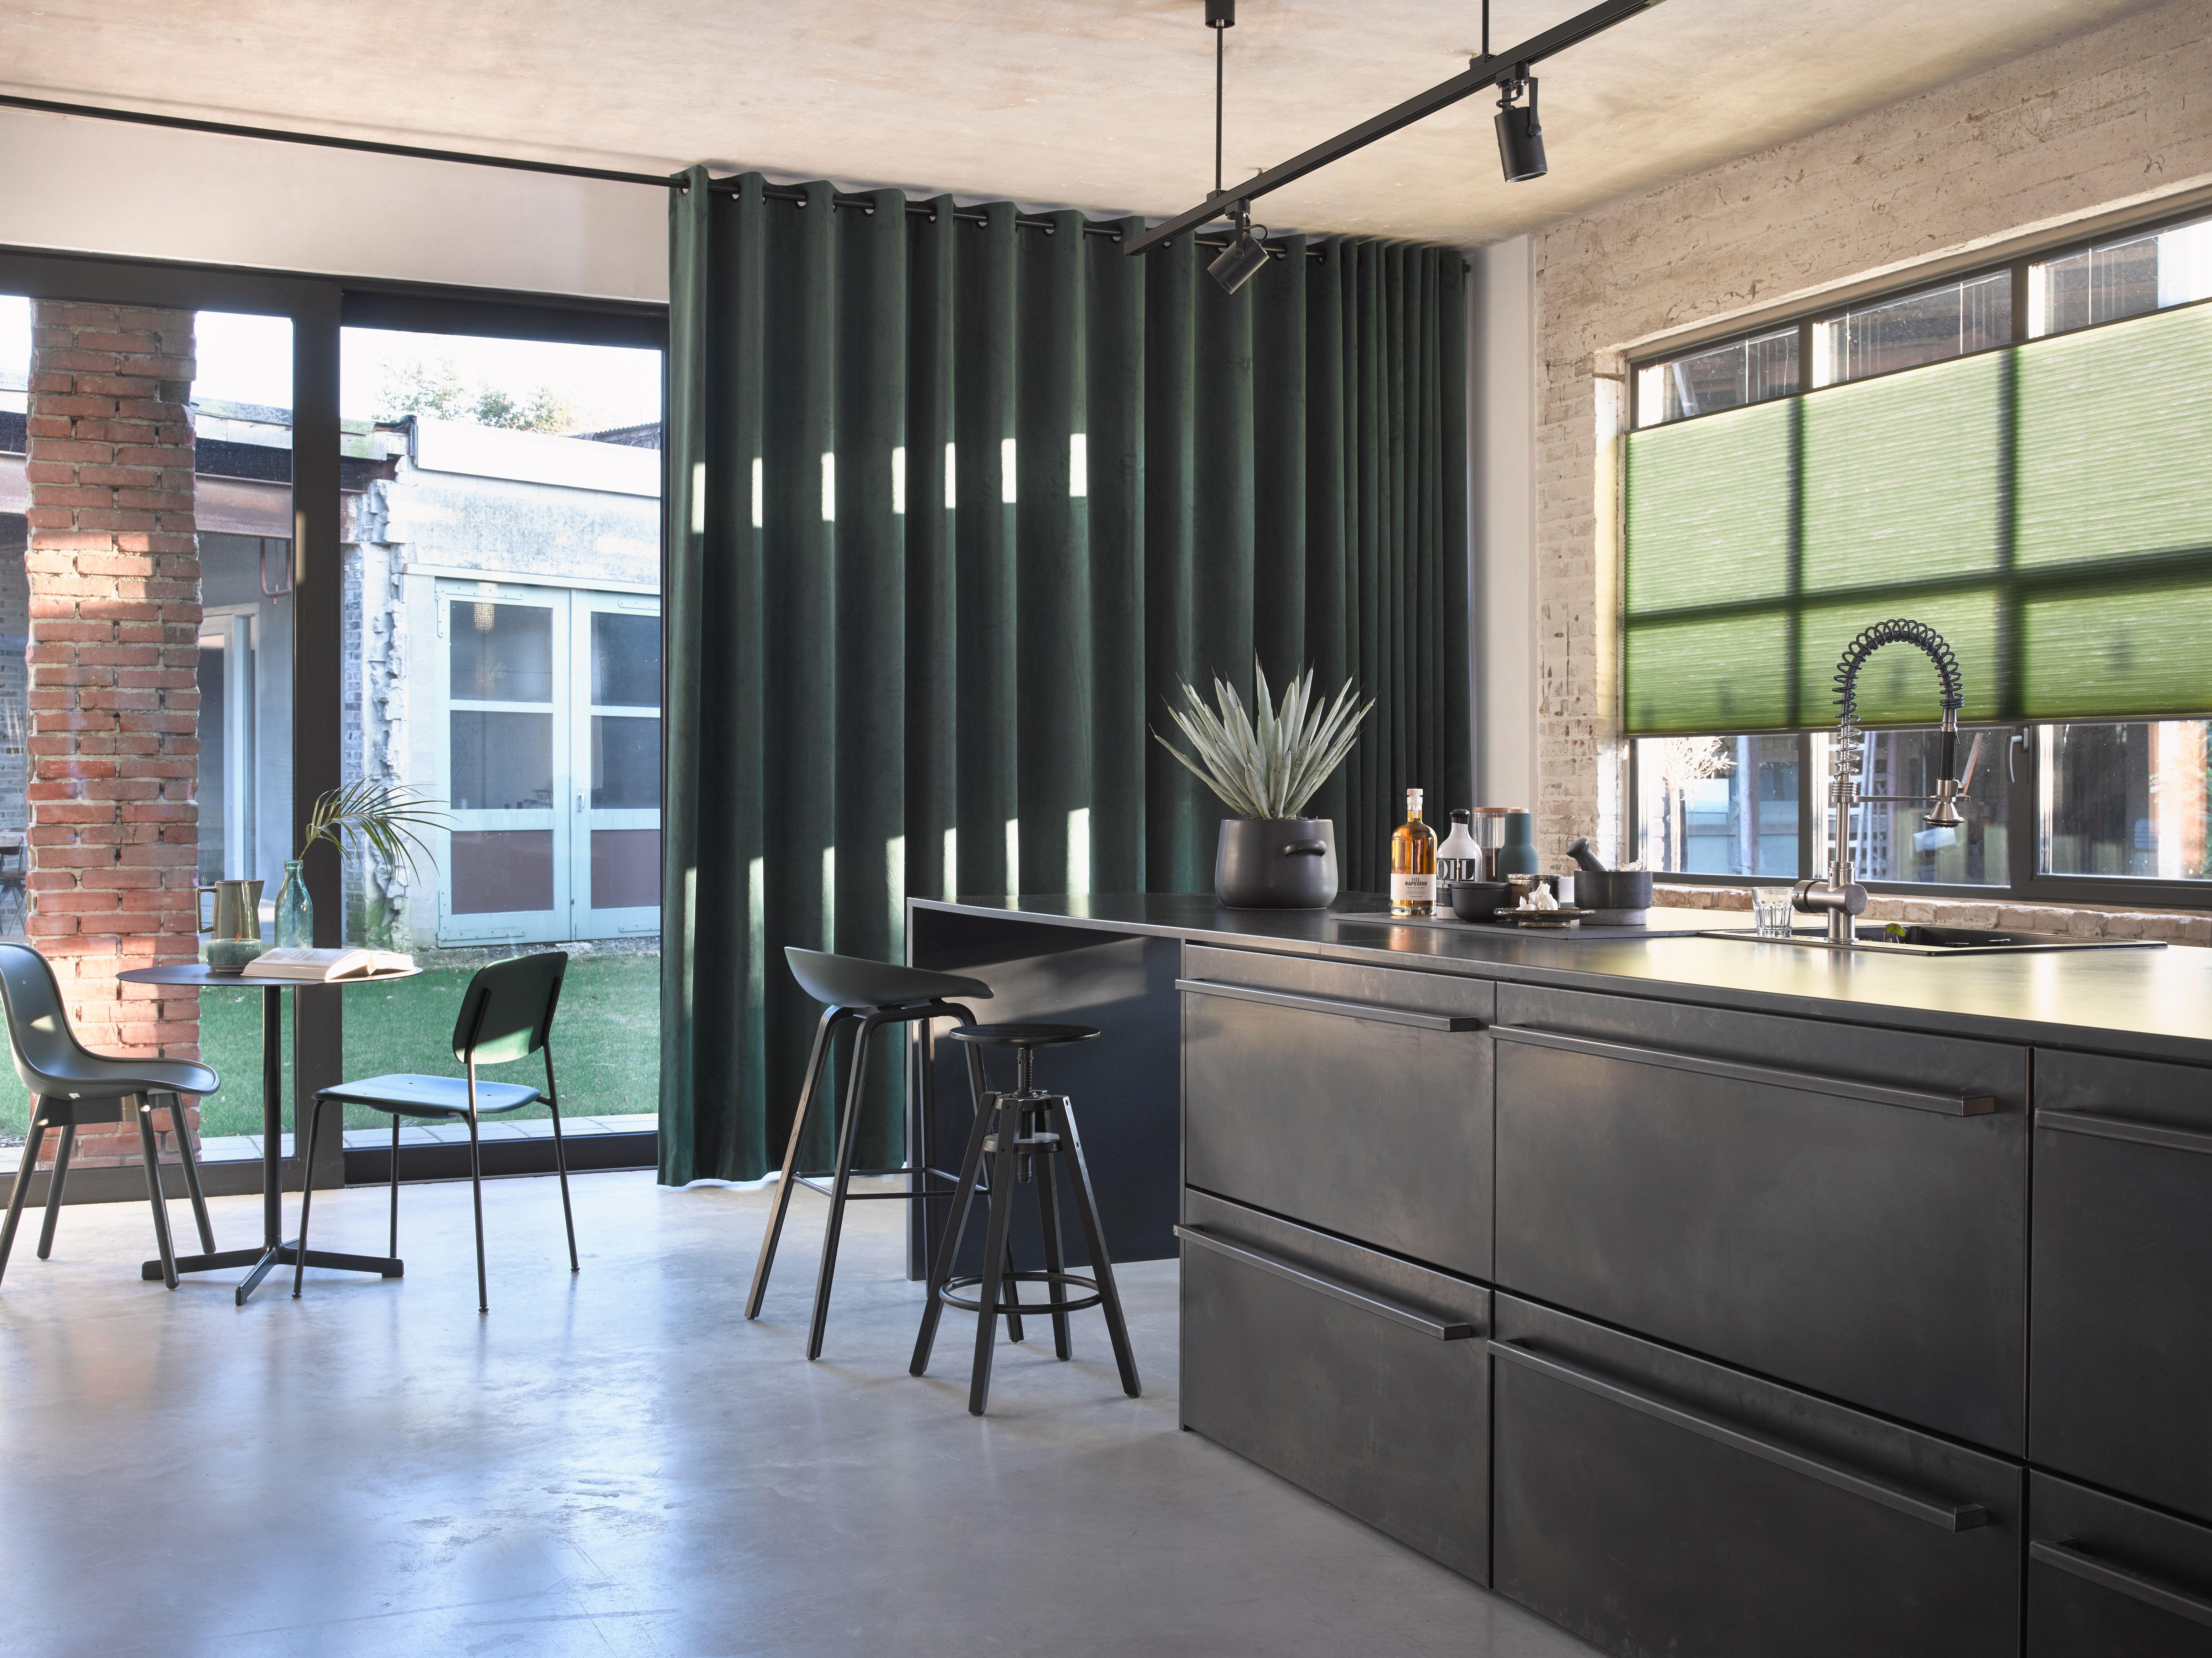 Groene velours gordijnen isola in moderne keuken gecombineerd met